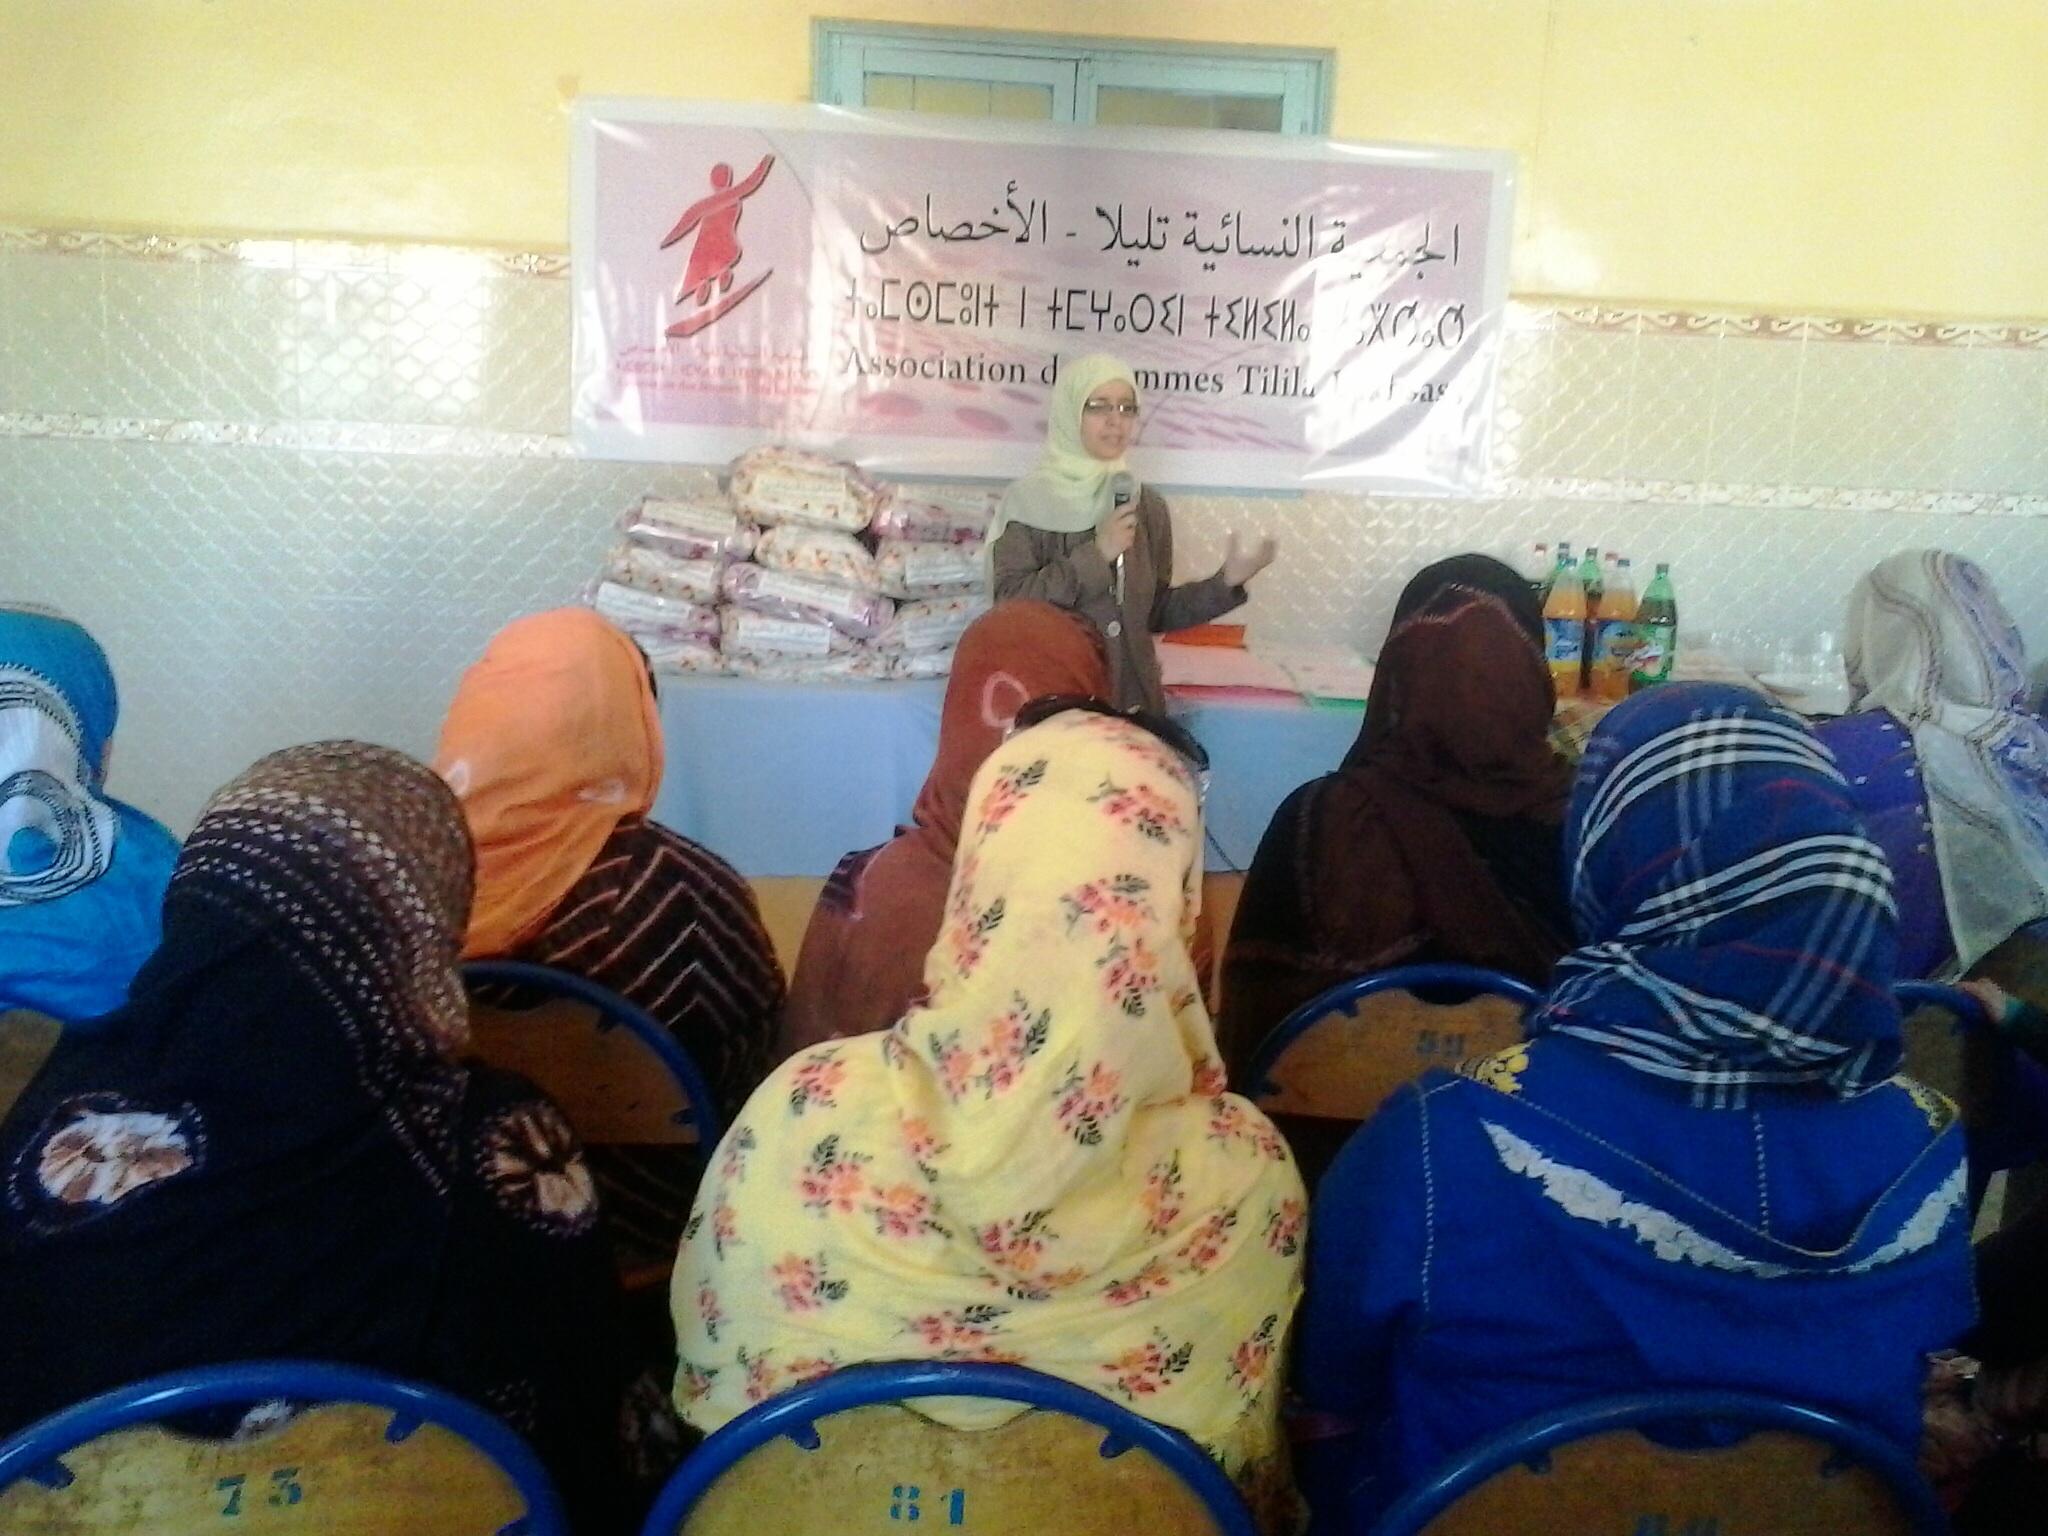 الجمعية النسائية تليلا بالأخصاص تختم فعاليات الدورة التكوينية الثانية